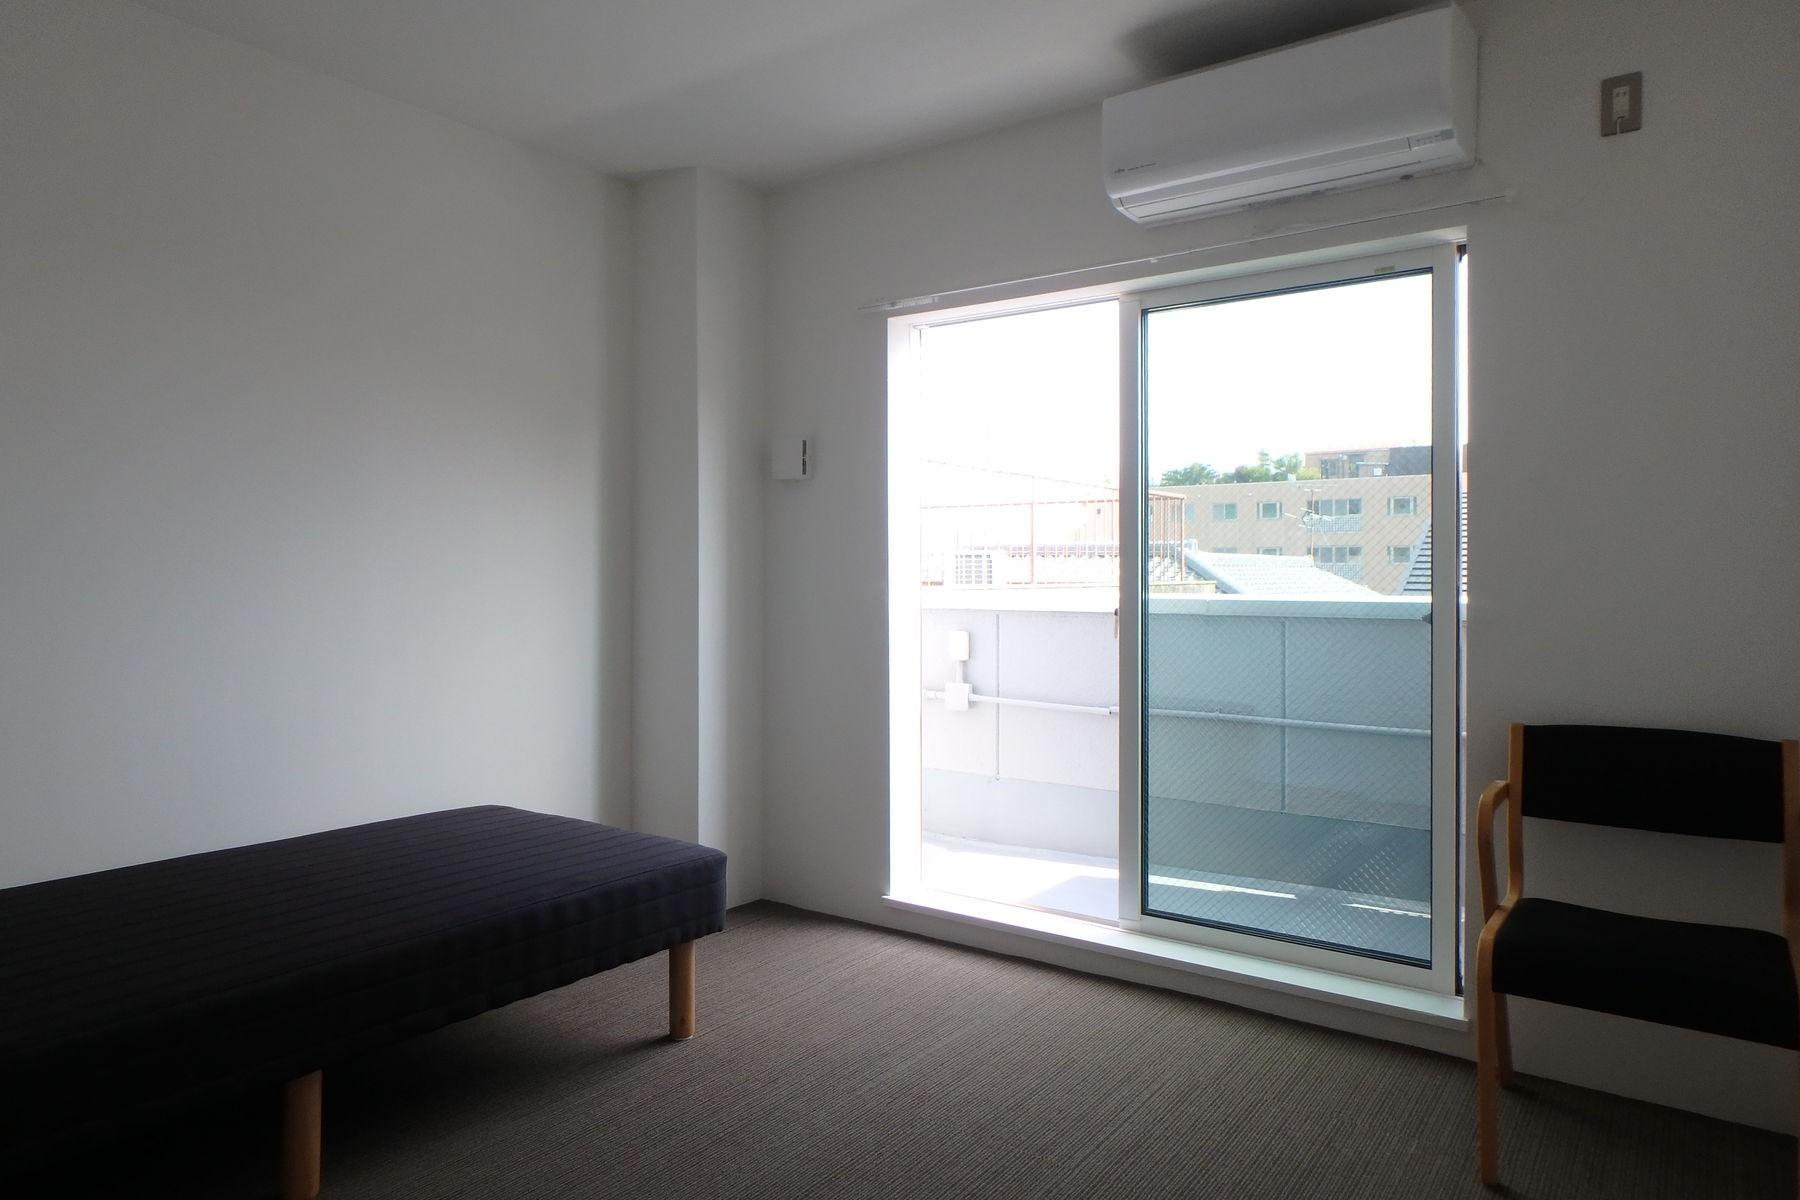 ベッドルーム事例:シェアハウス居室(Kururi|倉庫・工場をコンバージョンしたゲストハウス・シェアハウス【奈良市】)